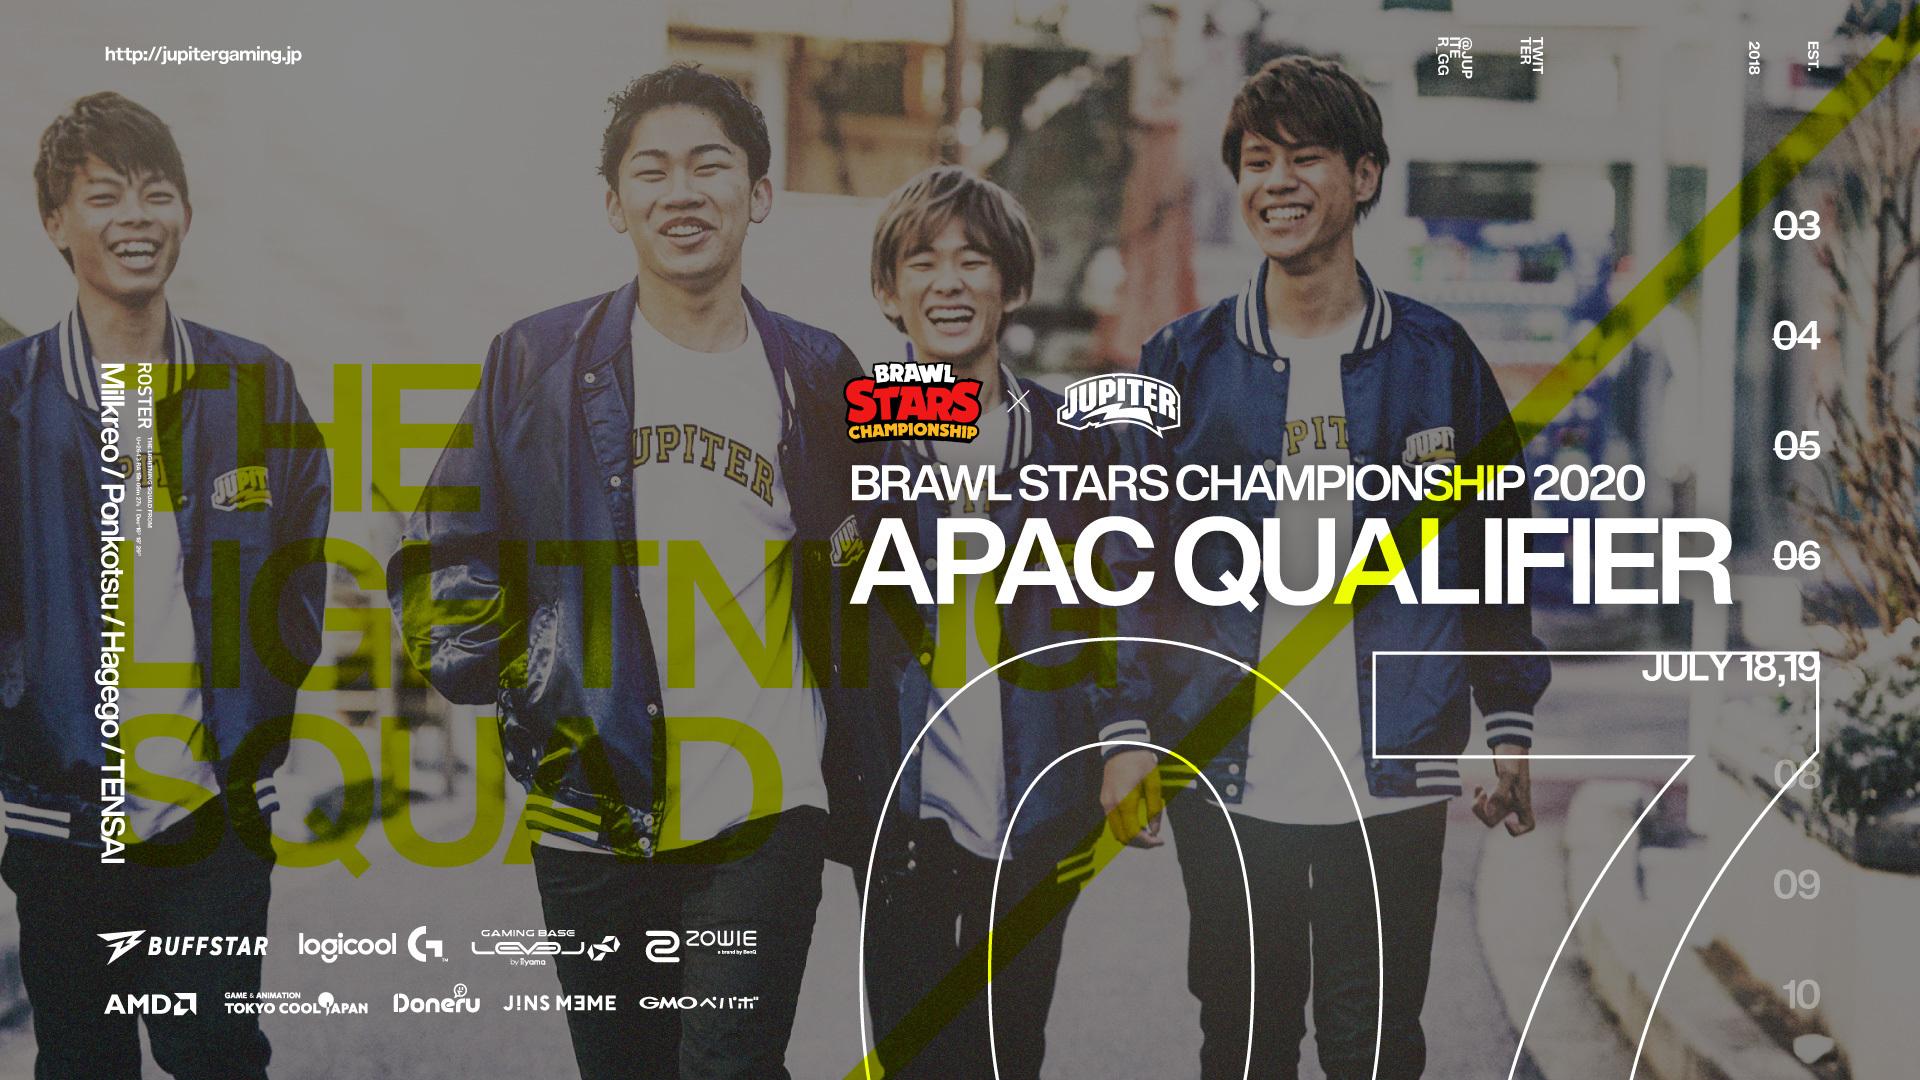 ブロスタ – 『Brawl Stars Championship』Regional Online Qualifier July APAC 結果報告